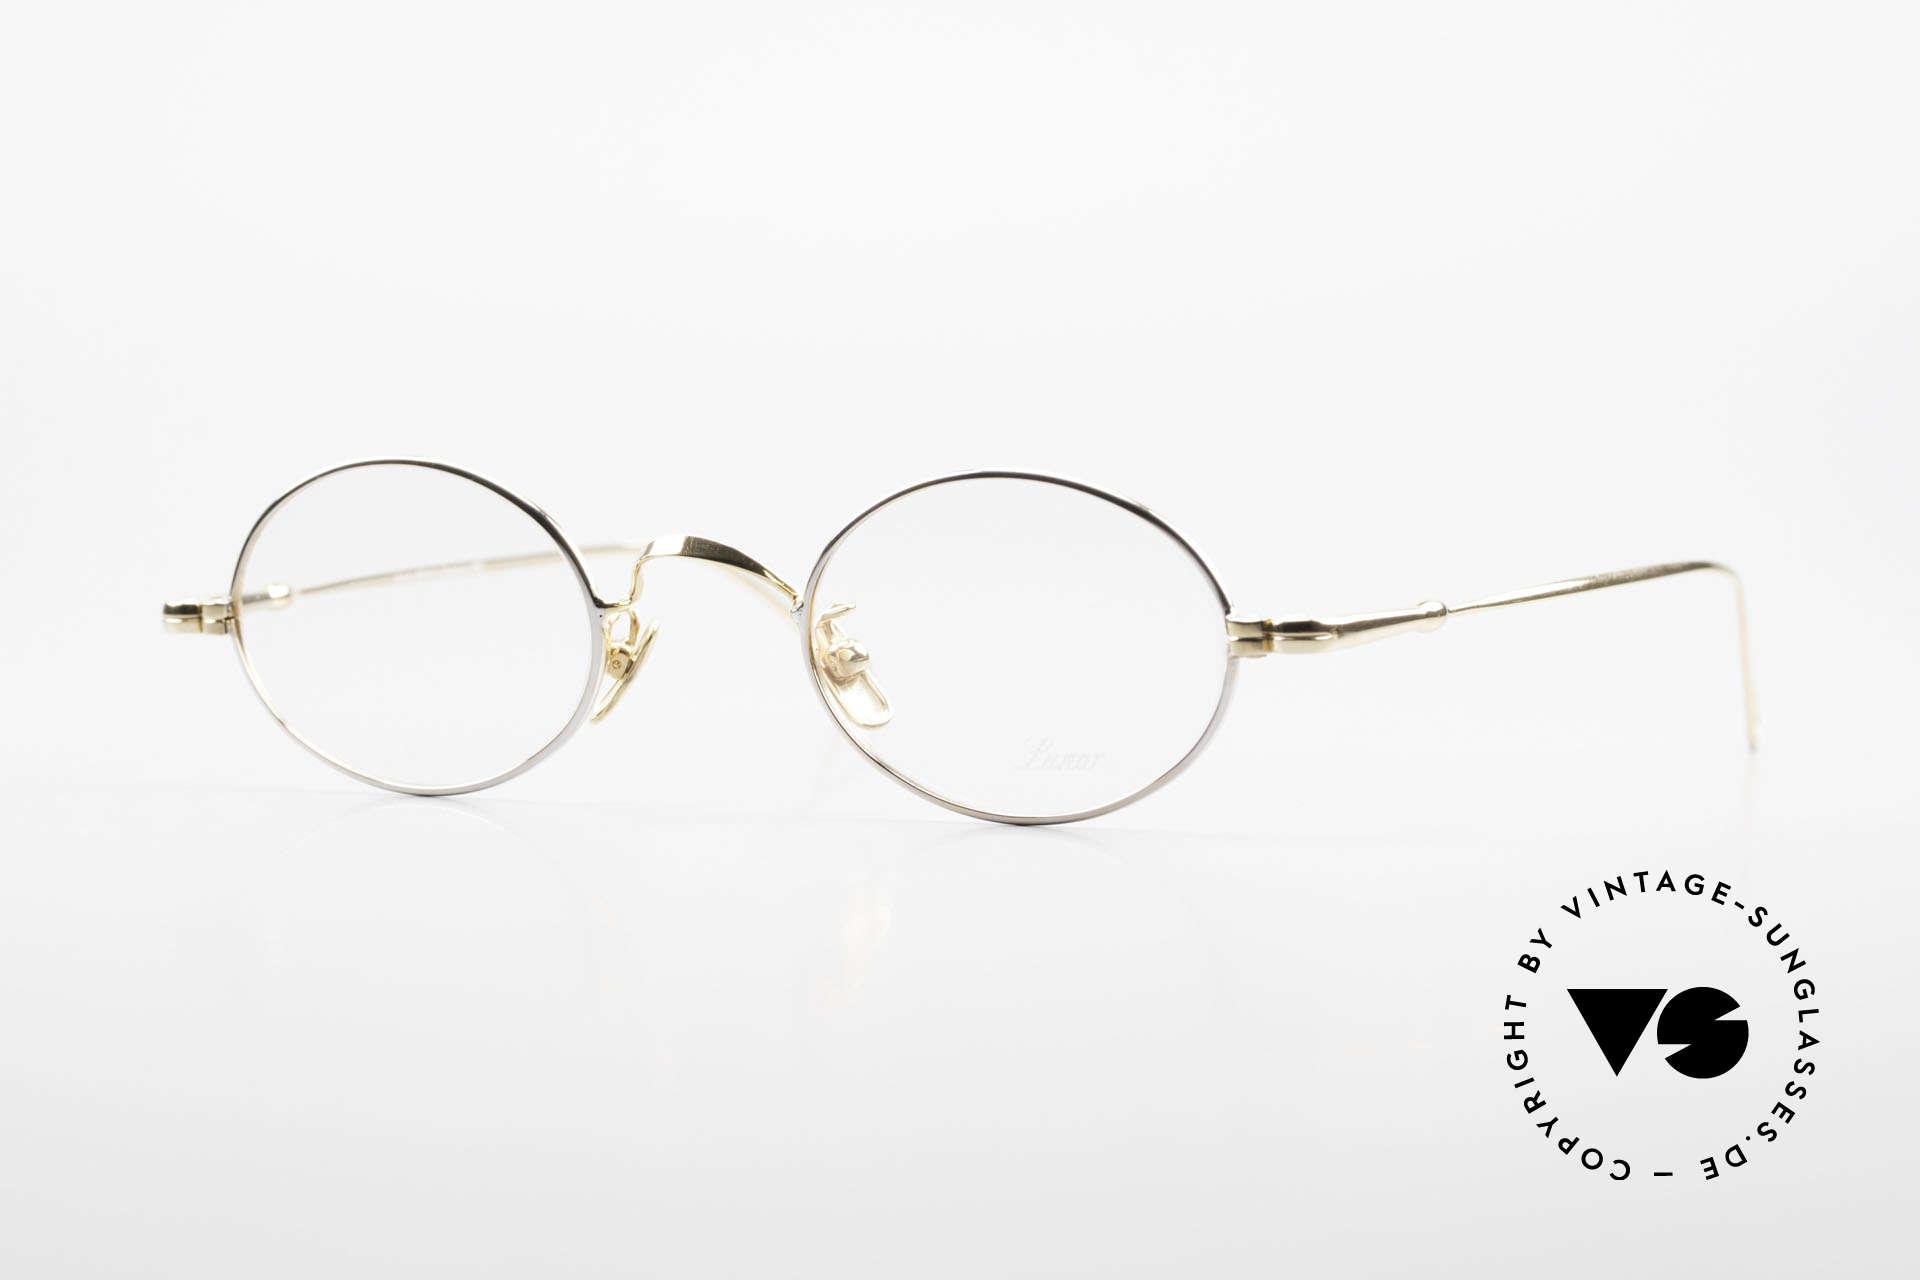 Lunor V 100 Ovale Lunor Brille Bicolor, LUNOR = ehrliches Handwerk mit Liebe zum Detail, Passend für Herren und Damen